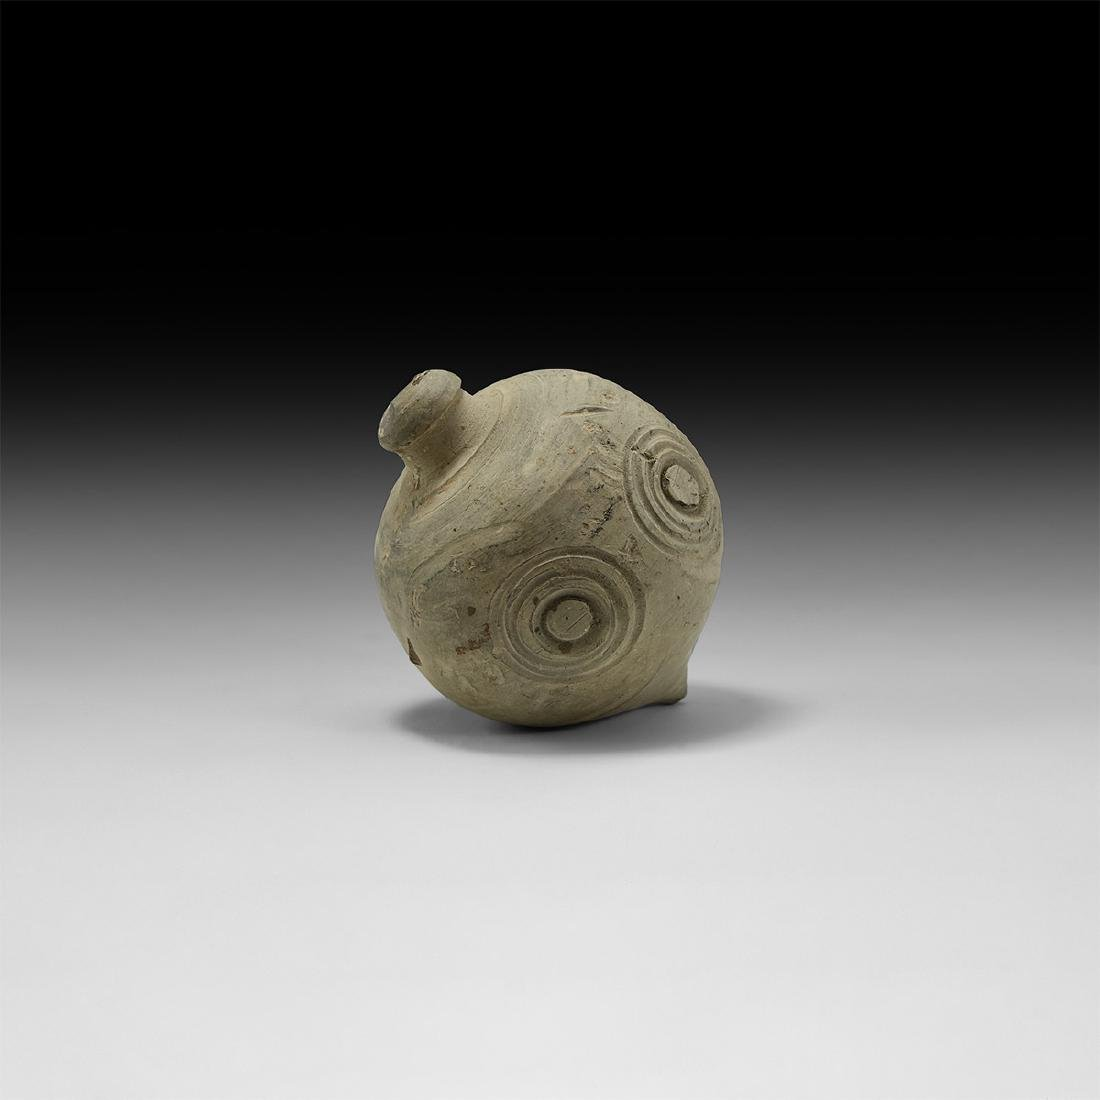 Byzantine 'Greek Fire' Fire Bomb or Hand Grenade